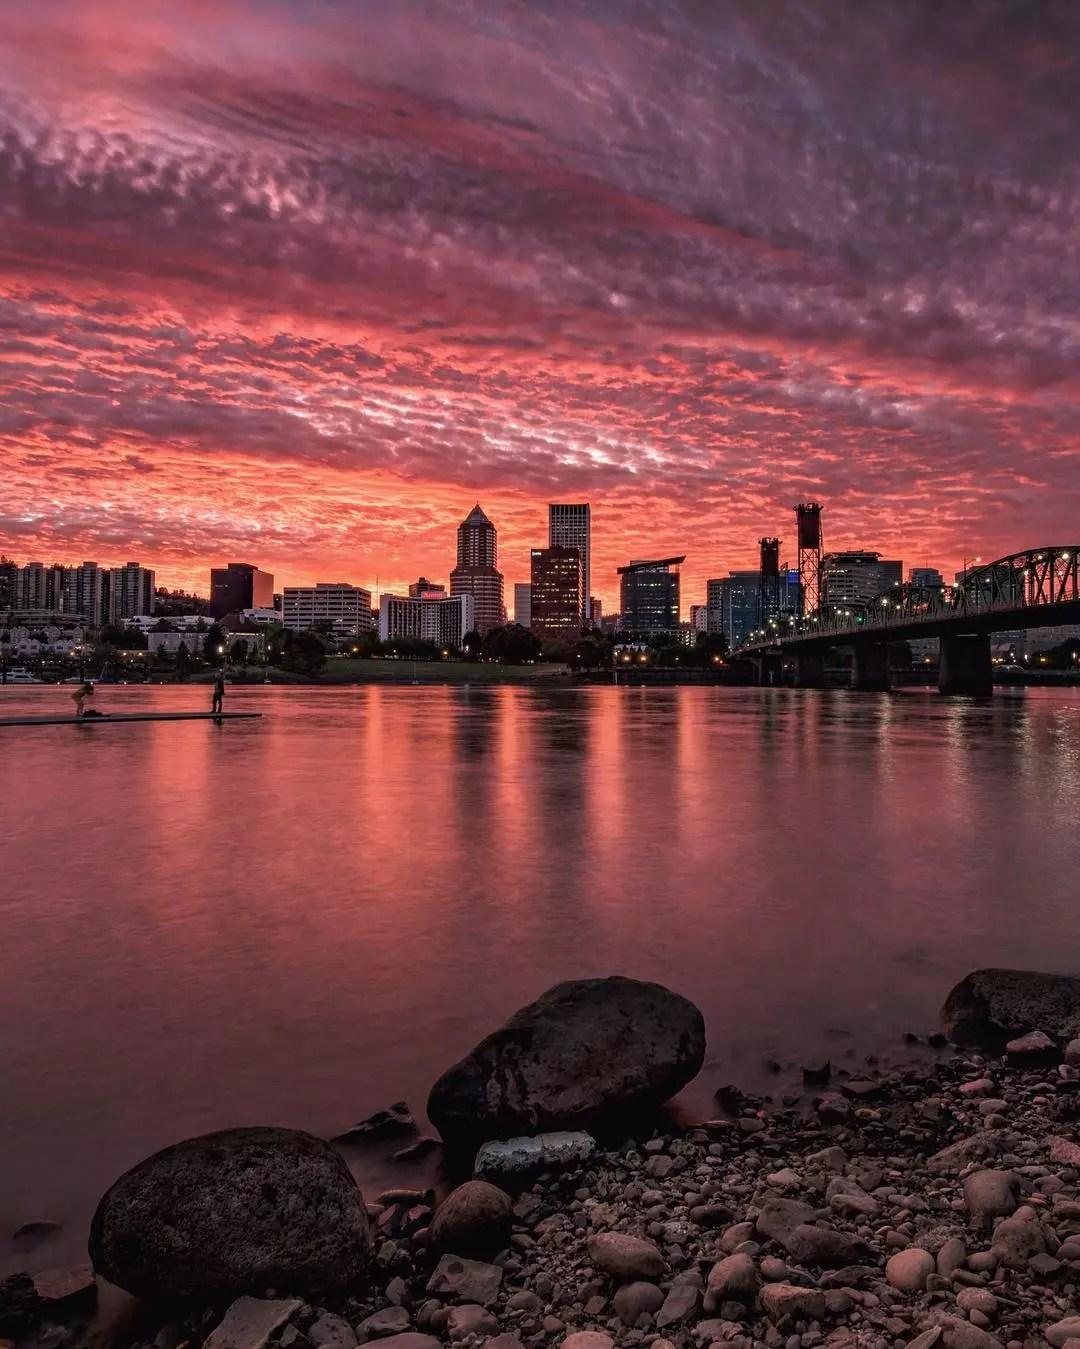 Portland, OR skyline. Photo by Instagram user @gemini_digitized